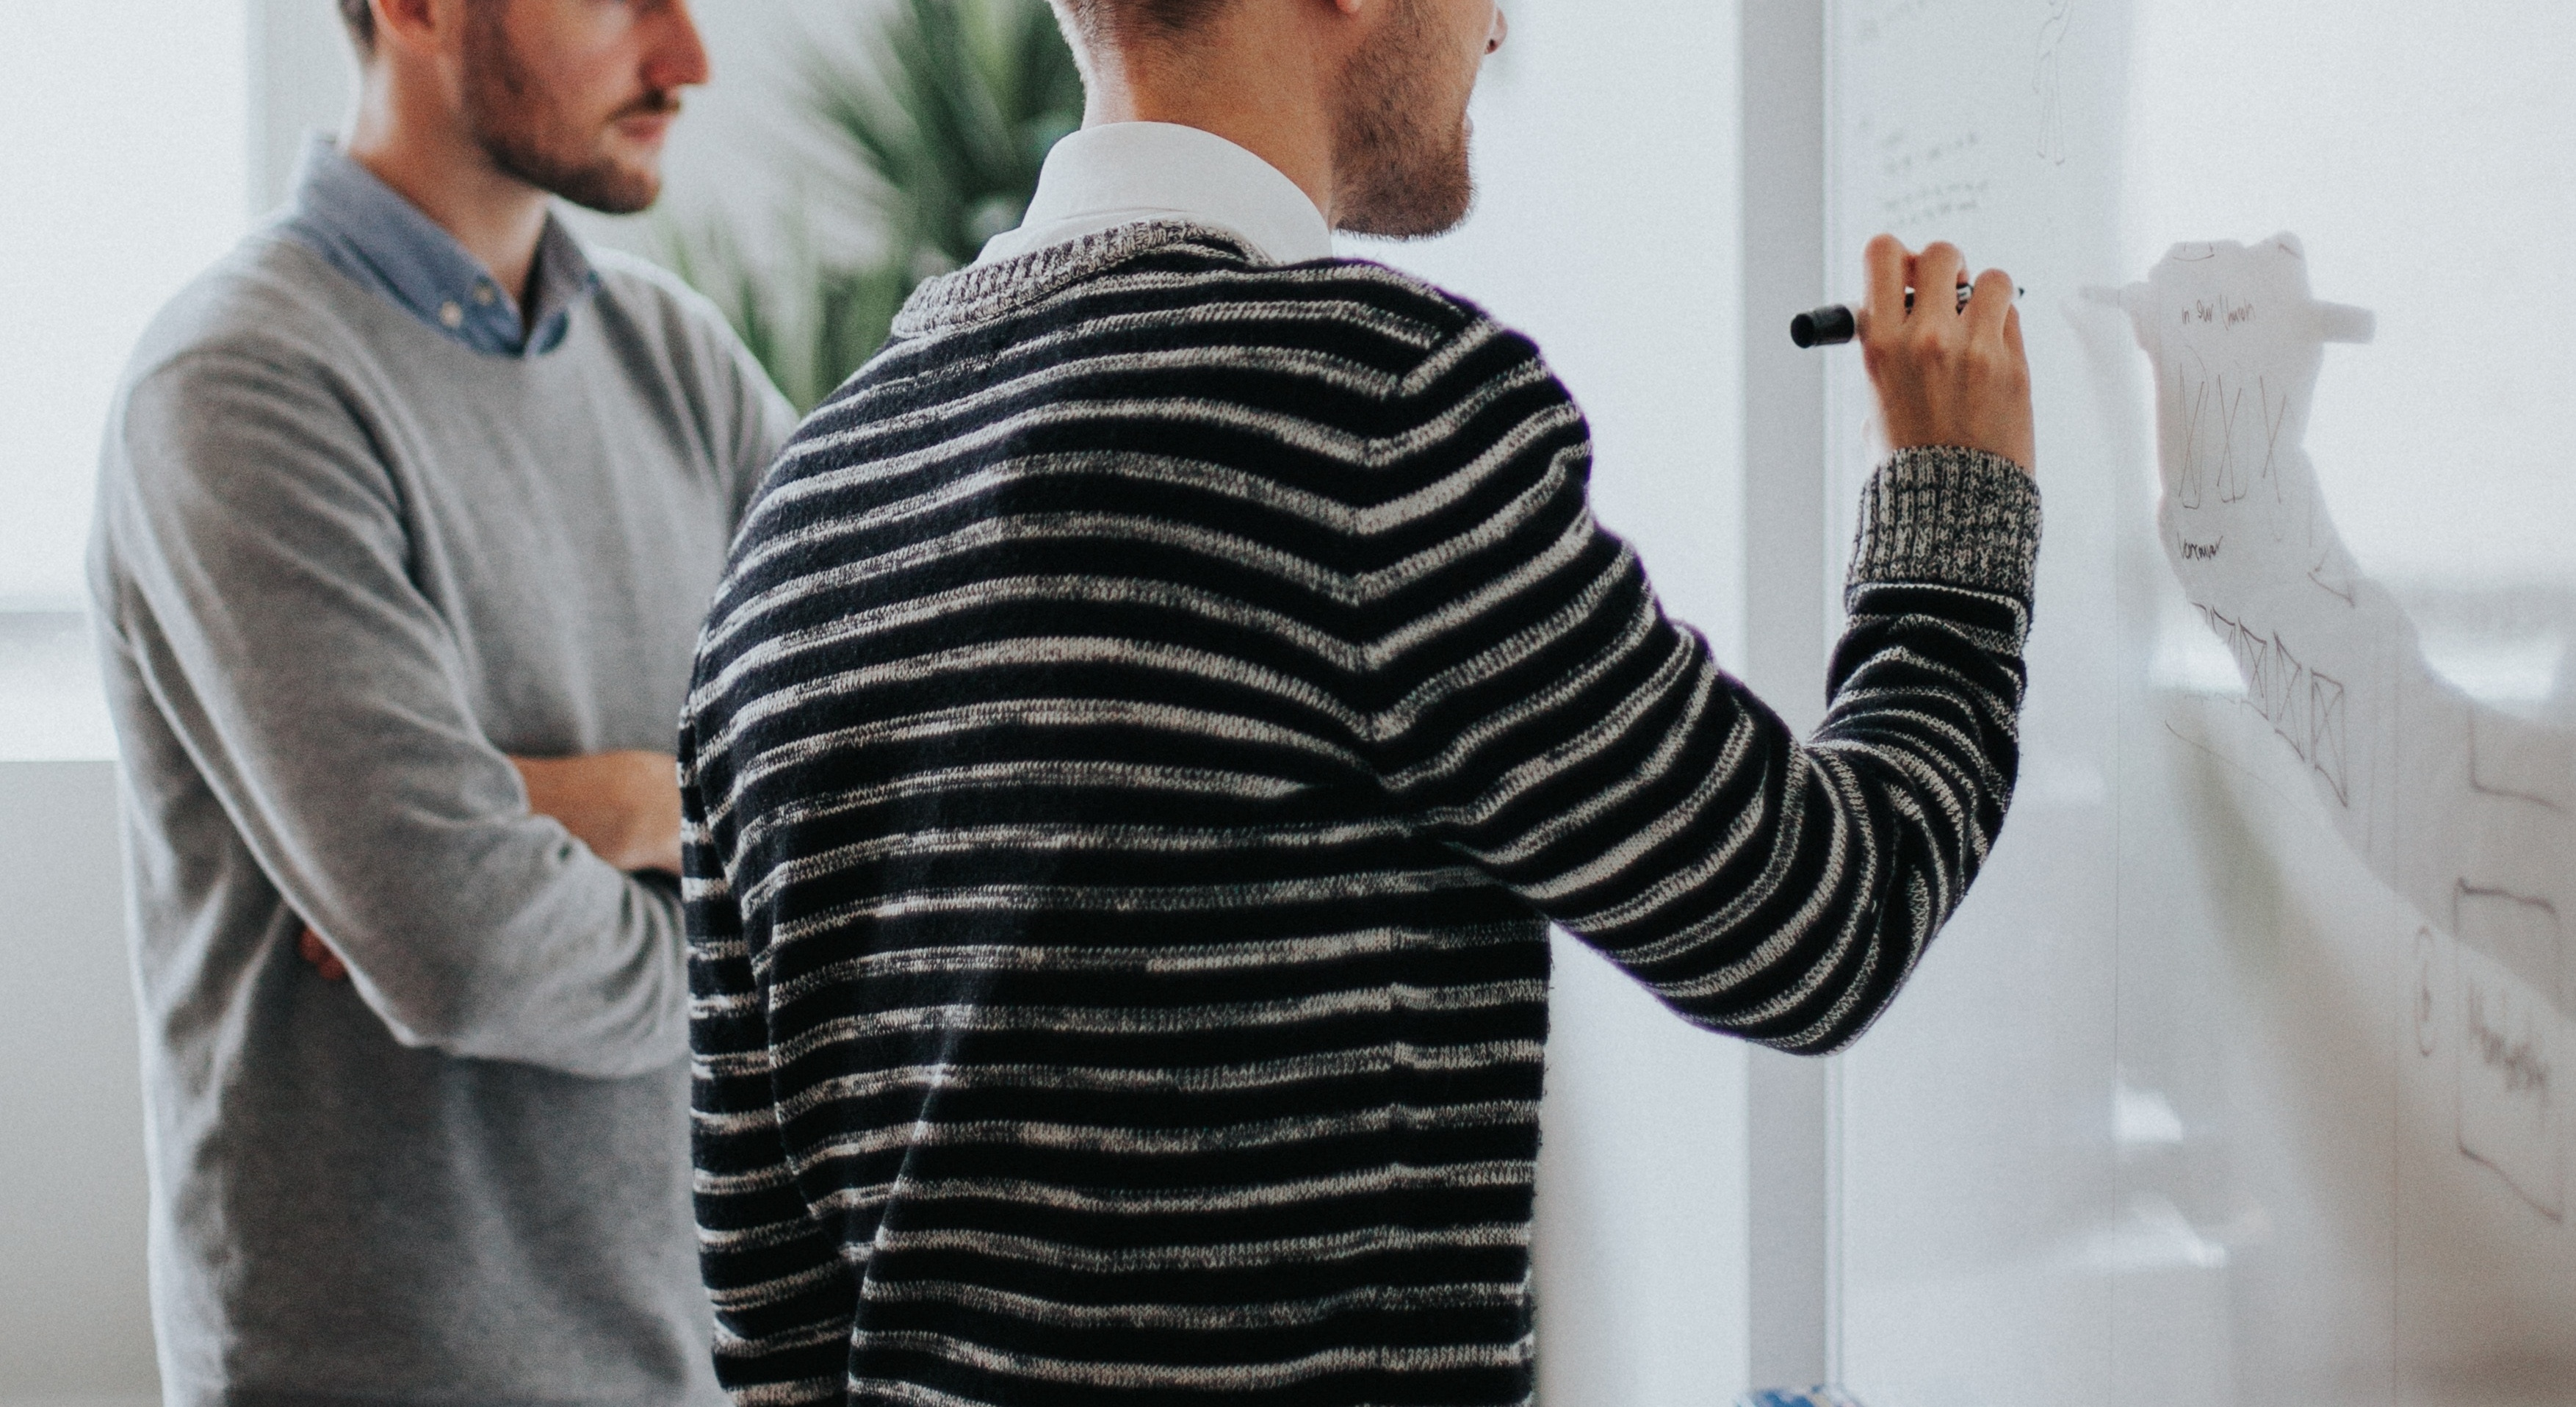 Pymes: Cómo la ineficiencia en los procesos reduce tus ventas